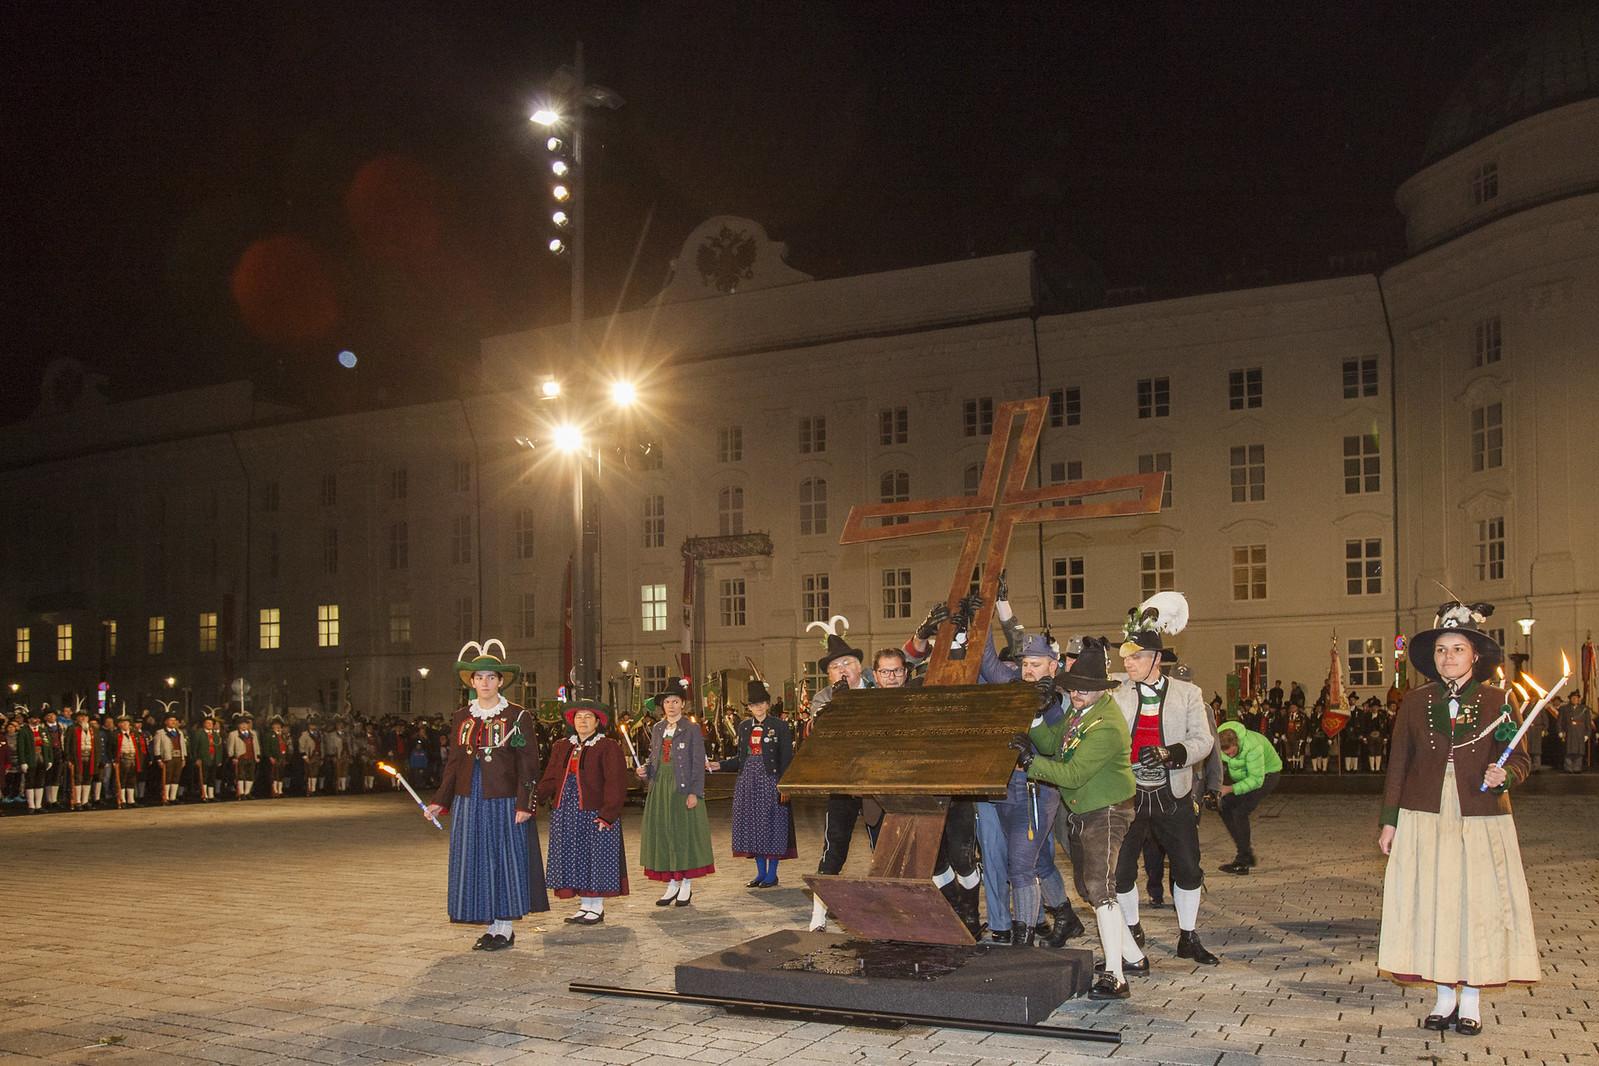 100 Jahre Ende 1. Weltkrieg, Innsbruck, 02.11.2018